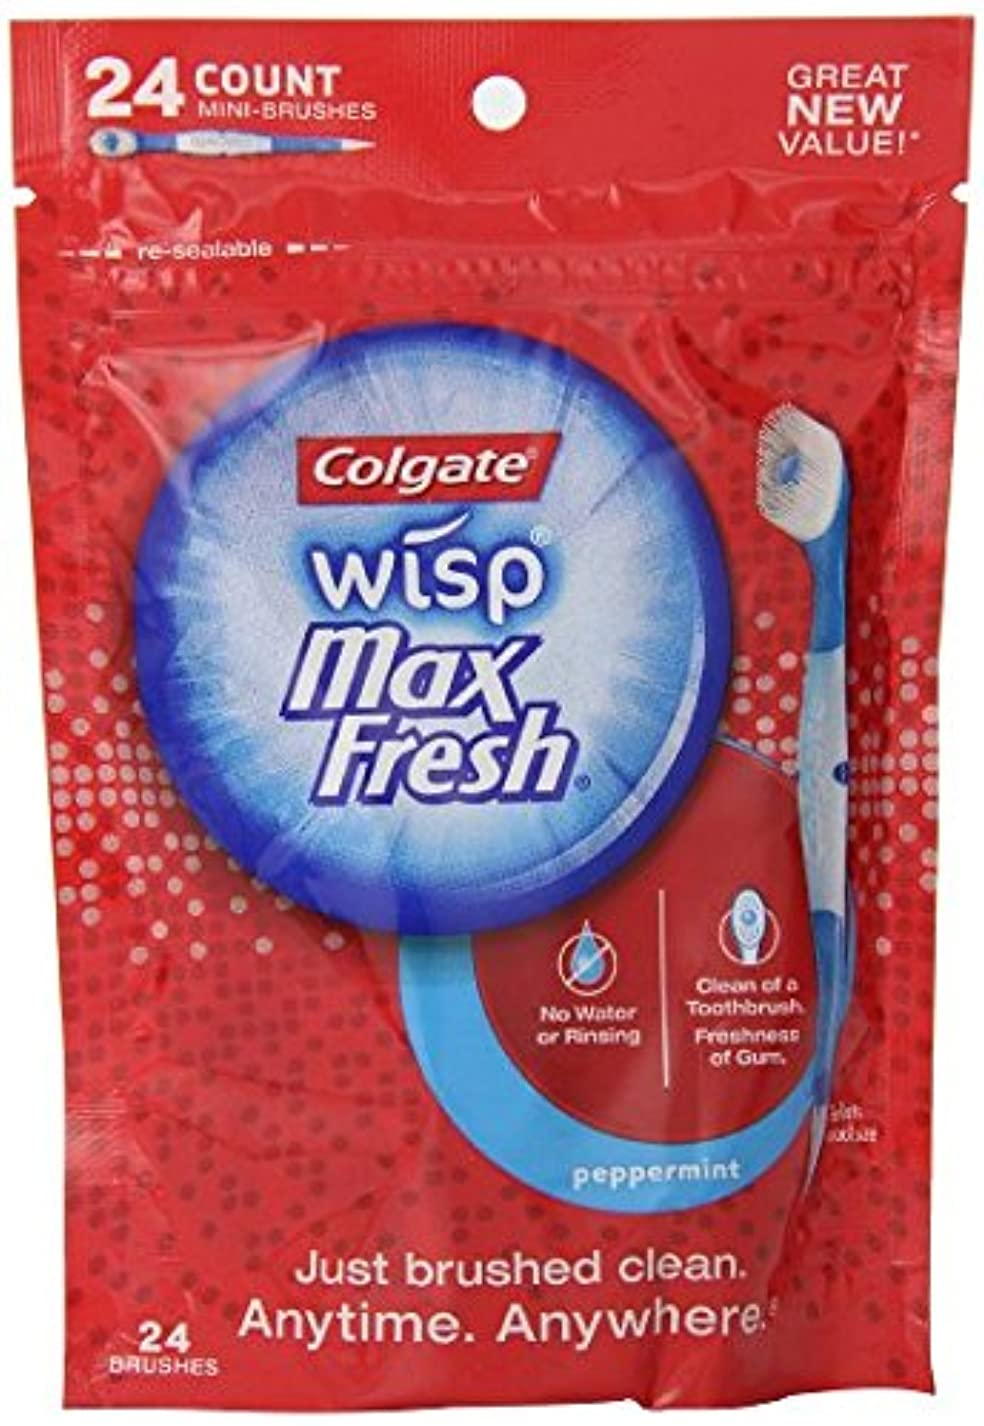 スラッシュ過度にボウリングコルゲート社 水のいらない使い捨て歯ブラシ ウィスプ ペパーミント味 24本海外直送品 [並行輸入品]